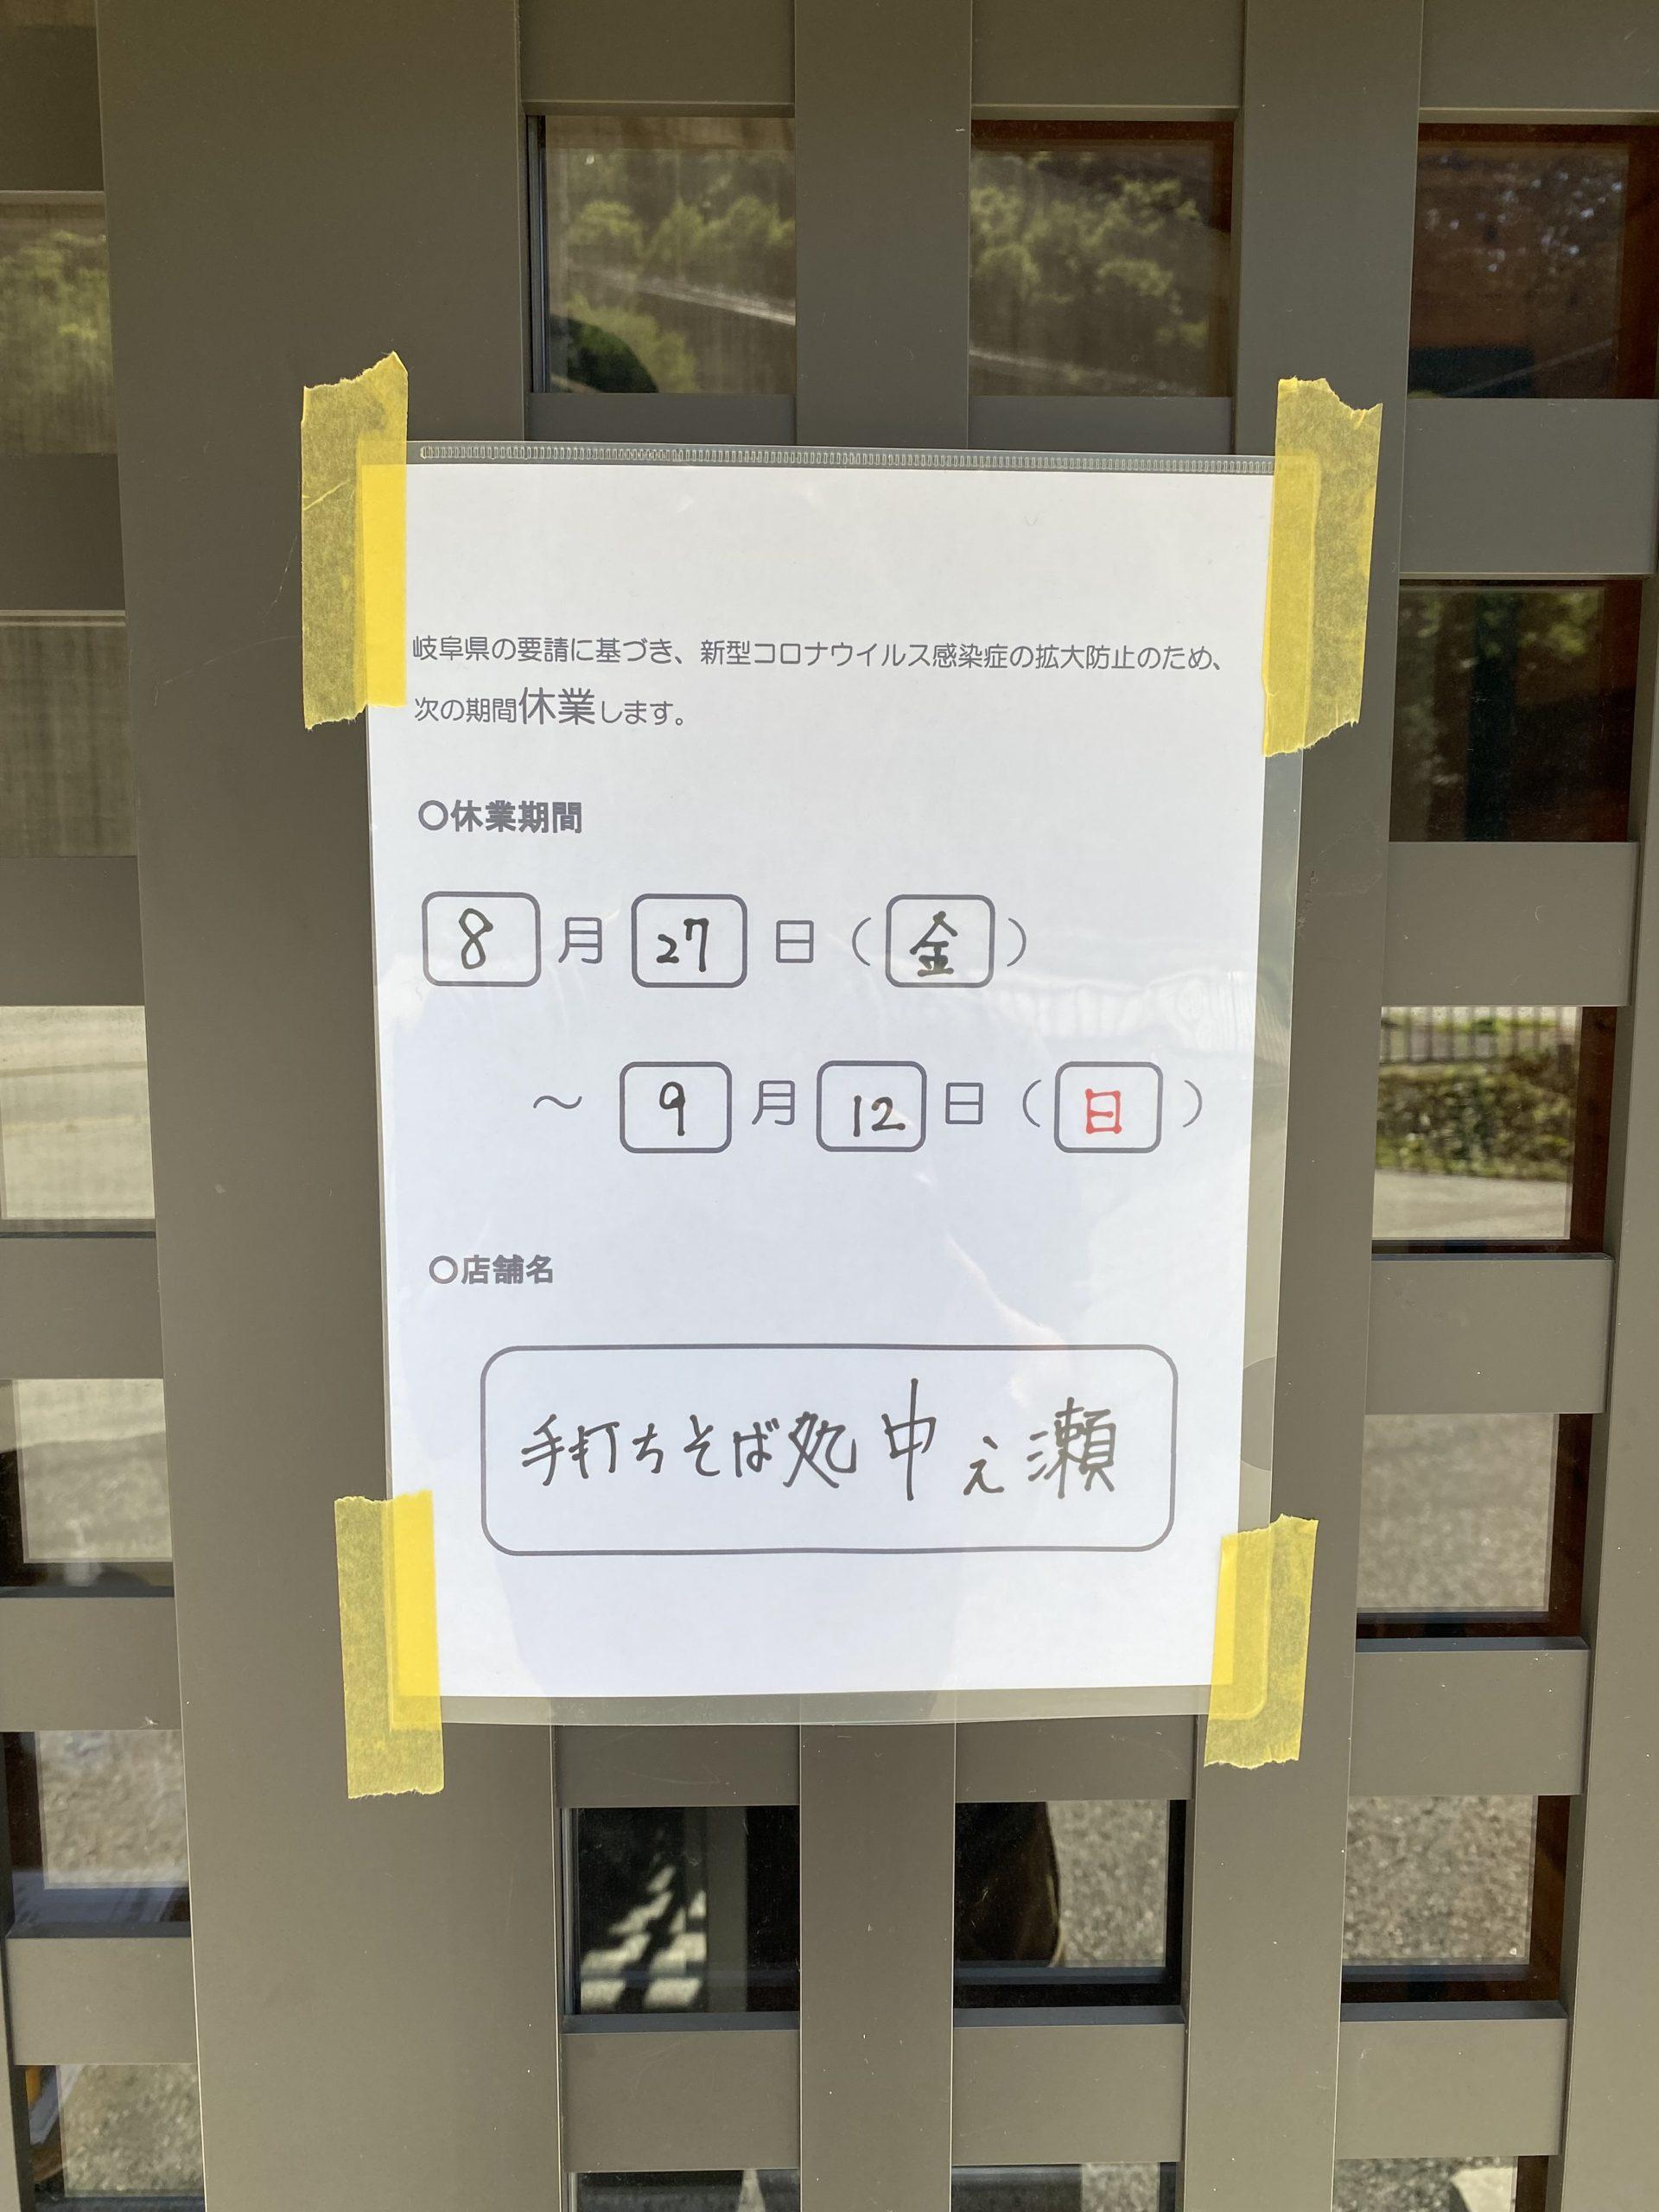 【重要】岐阜県の要請に基づく臨時休業のお知らせ